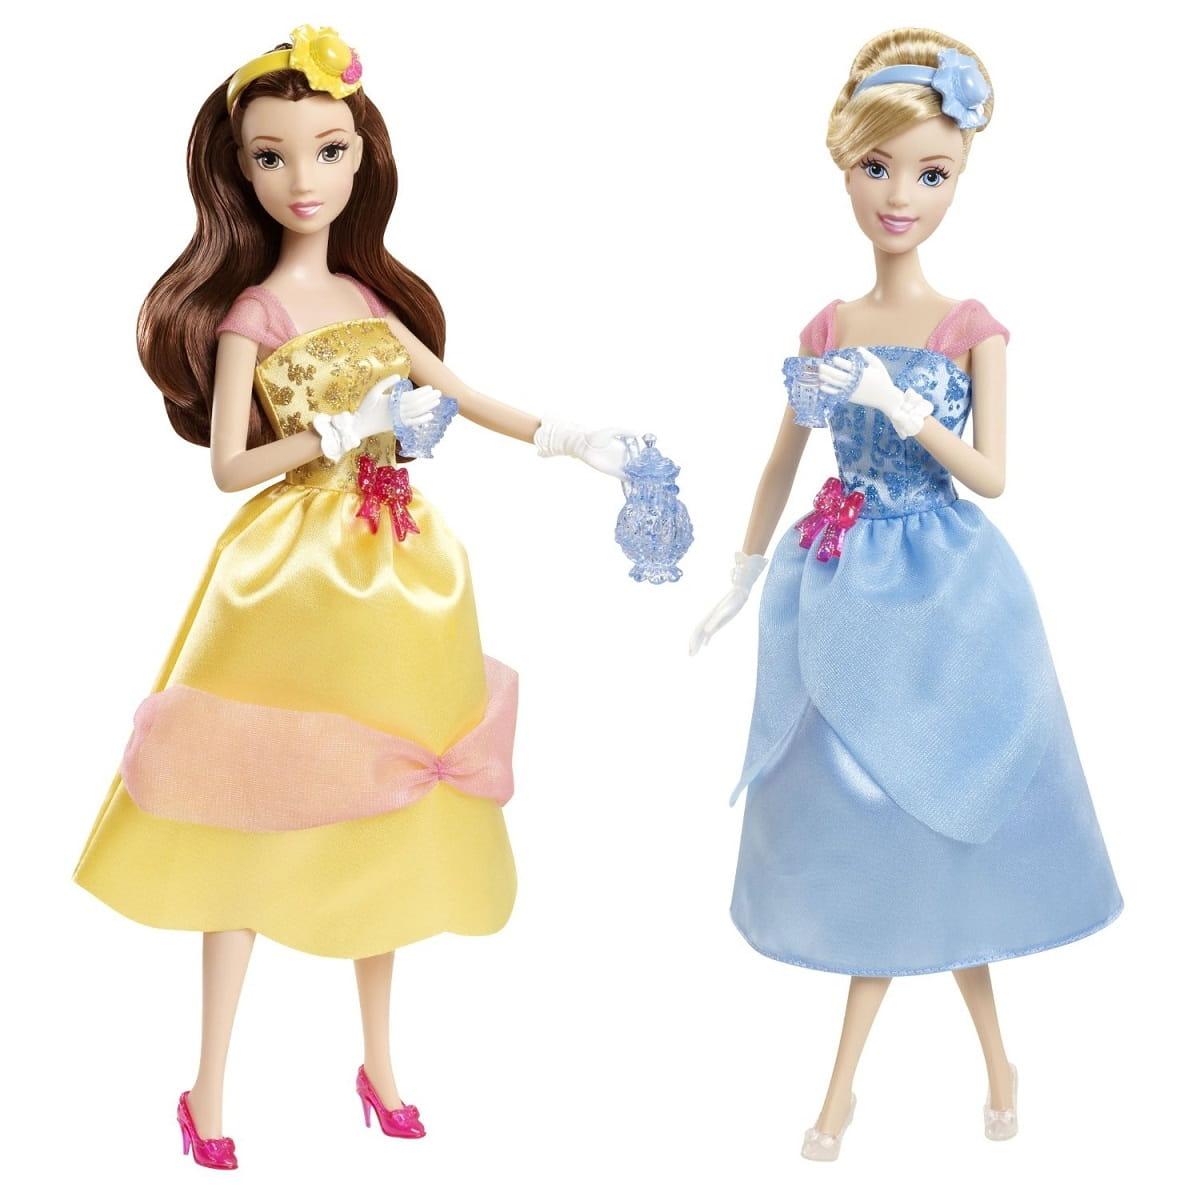 Игровой набор Disney Princess X9352 Королевское чаепитие с Золушкой и Белль (Mattel)